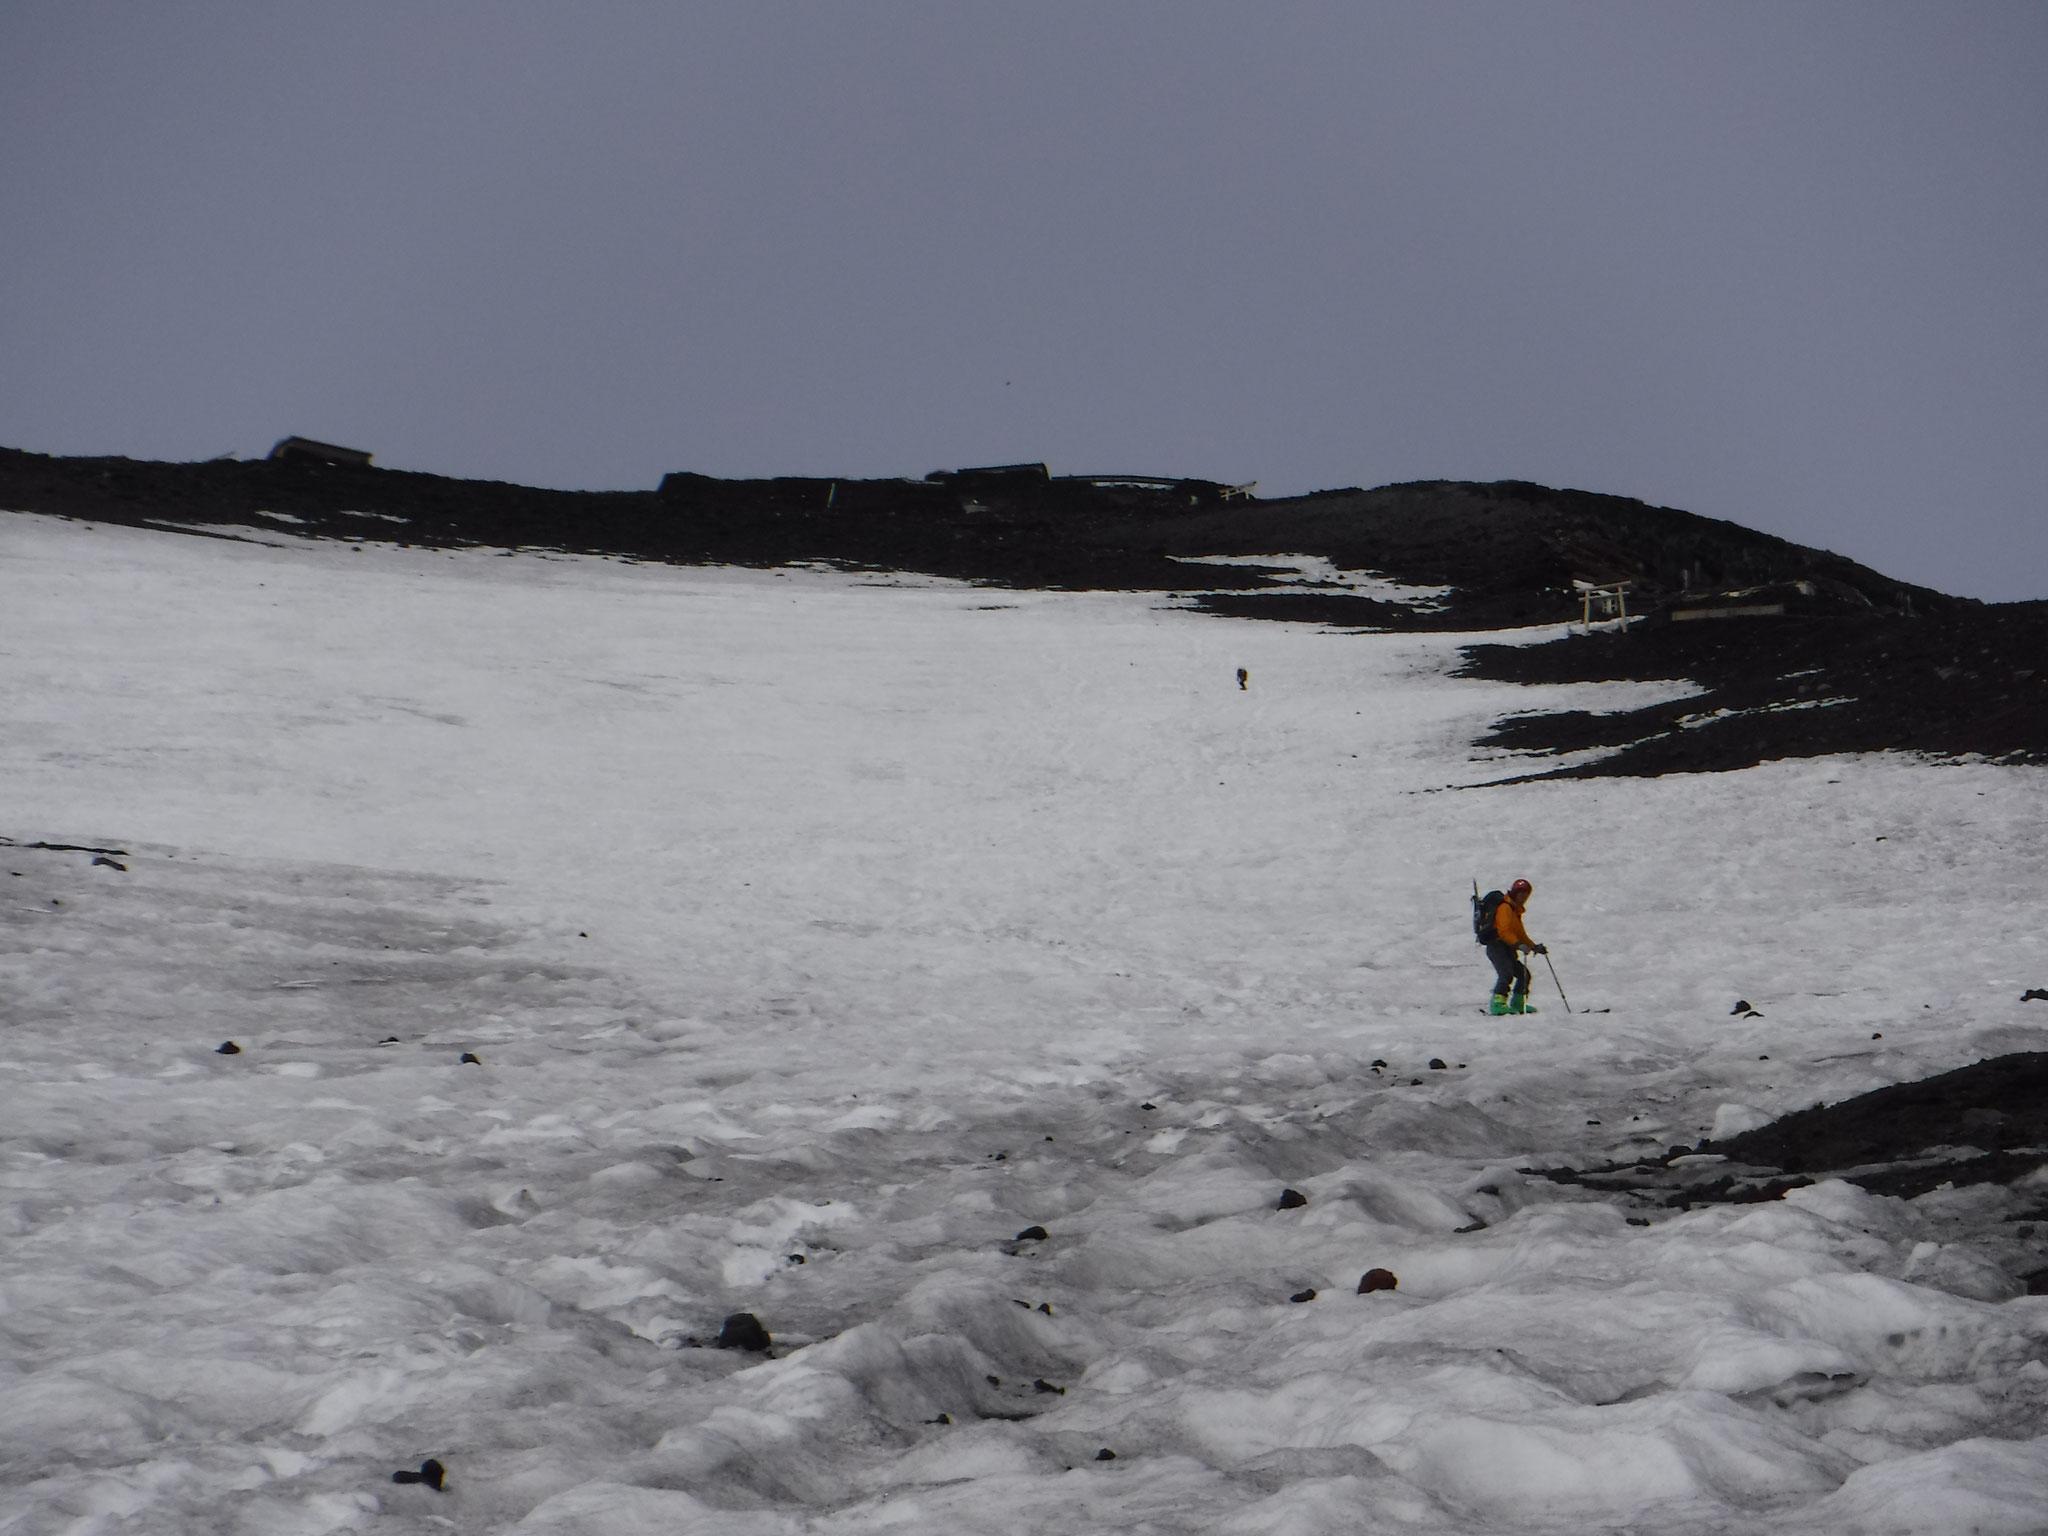 8:30 3400m付近を滑る、火口縁まで、きれいな雪面が続いている